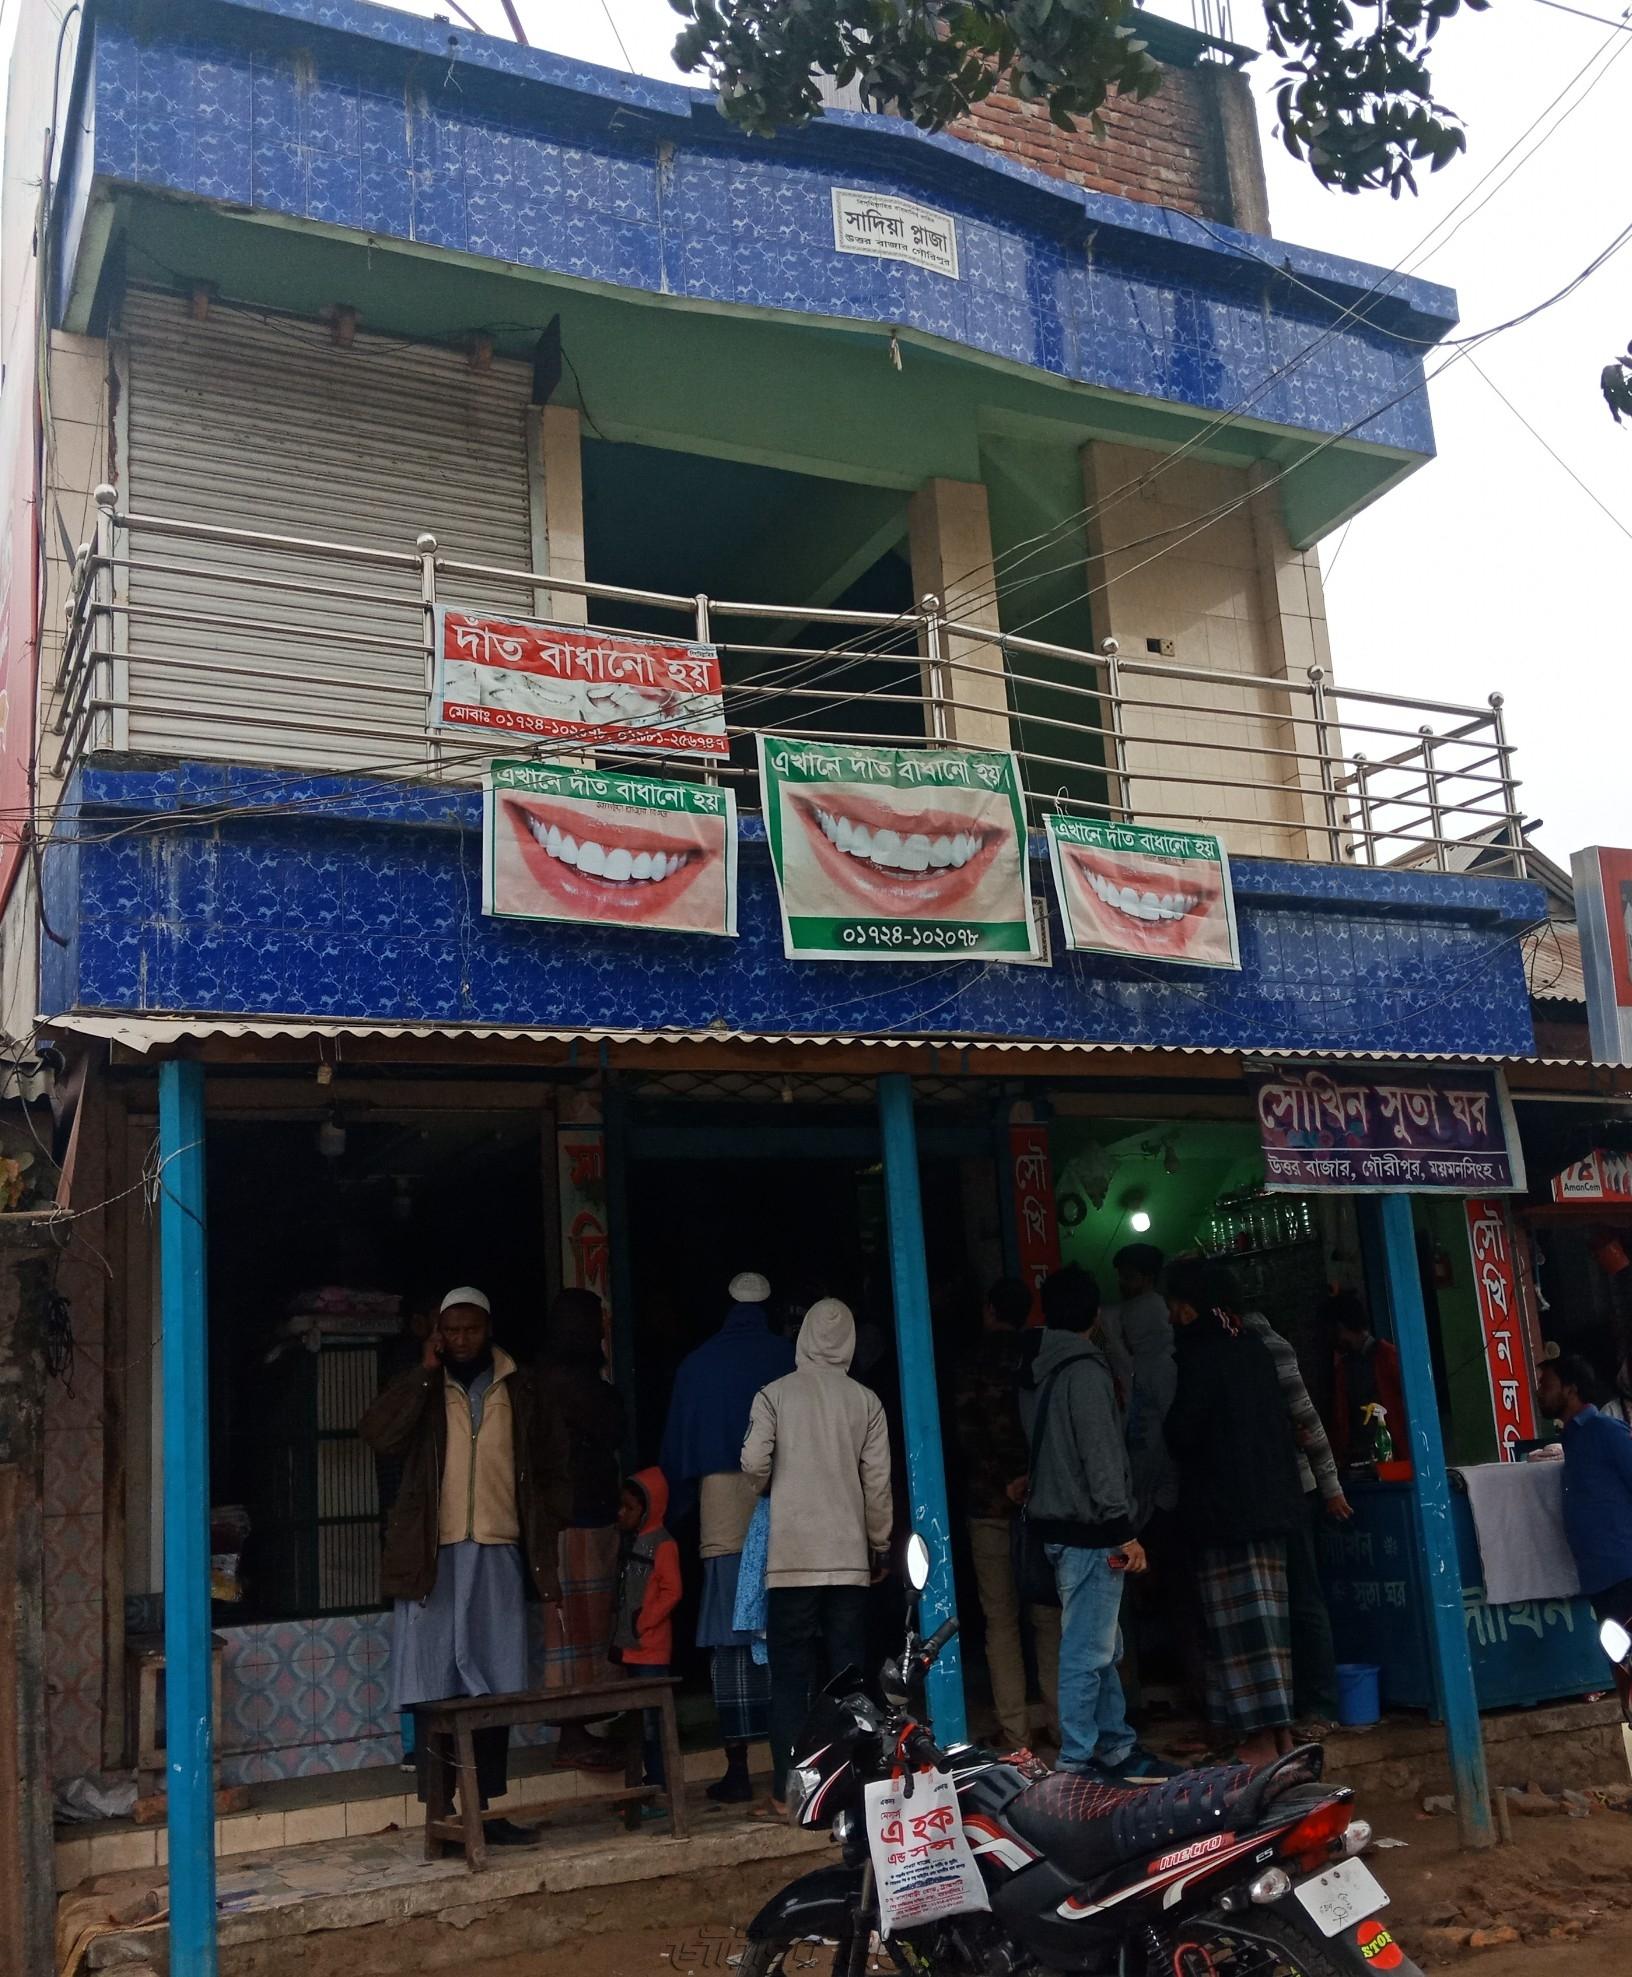 গৌরীপুরে মার্কেটের তালা ভেঙে মালামাল চুরি